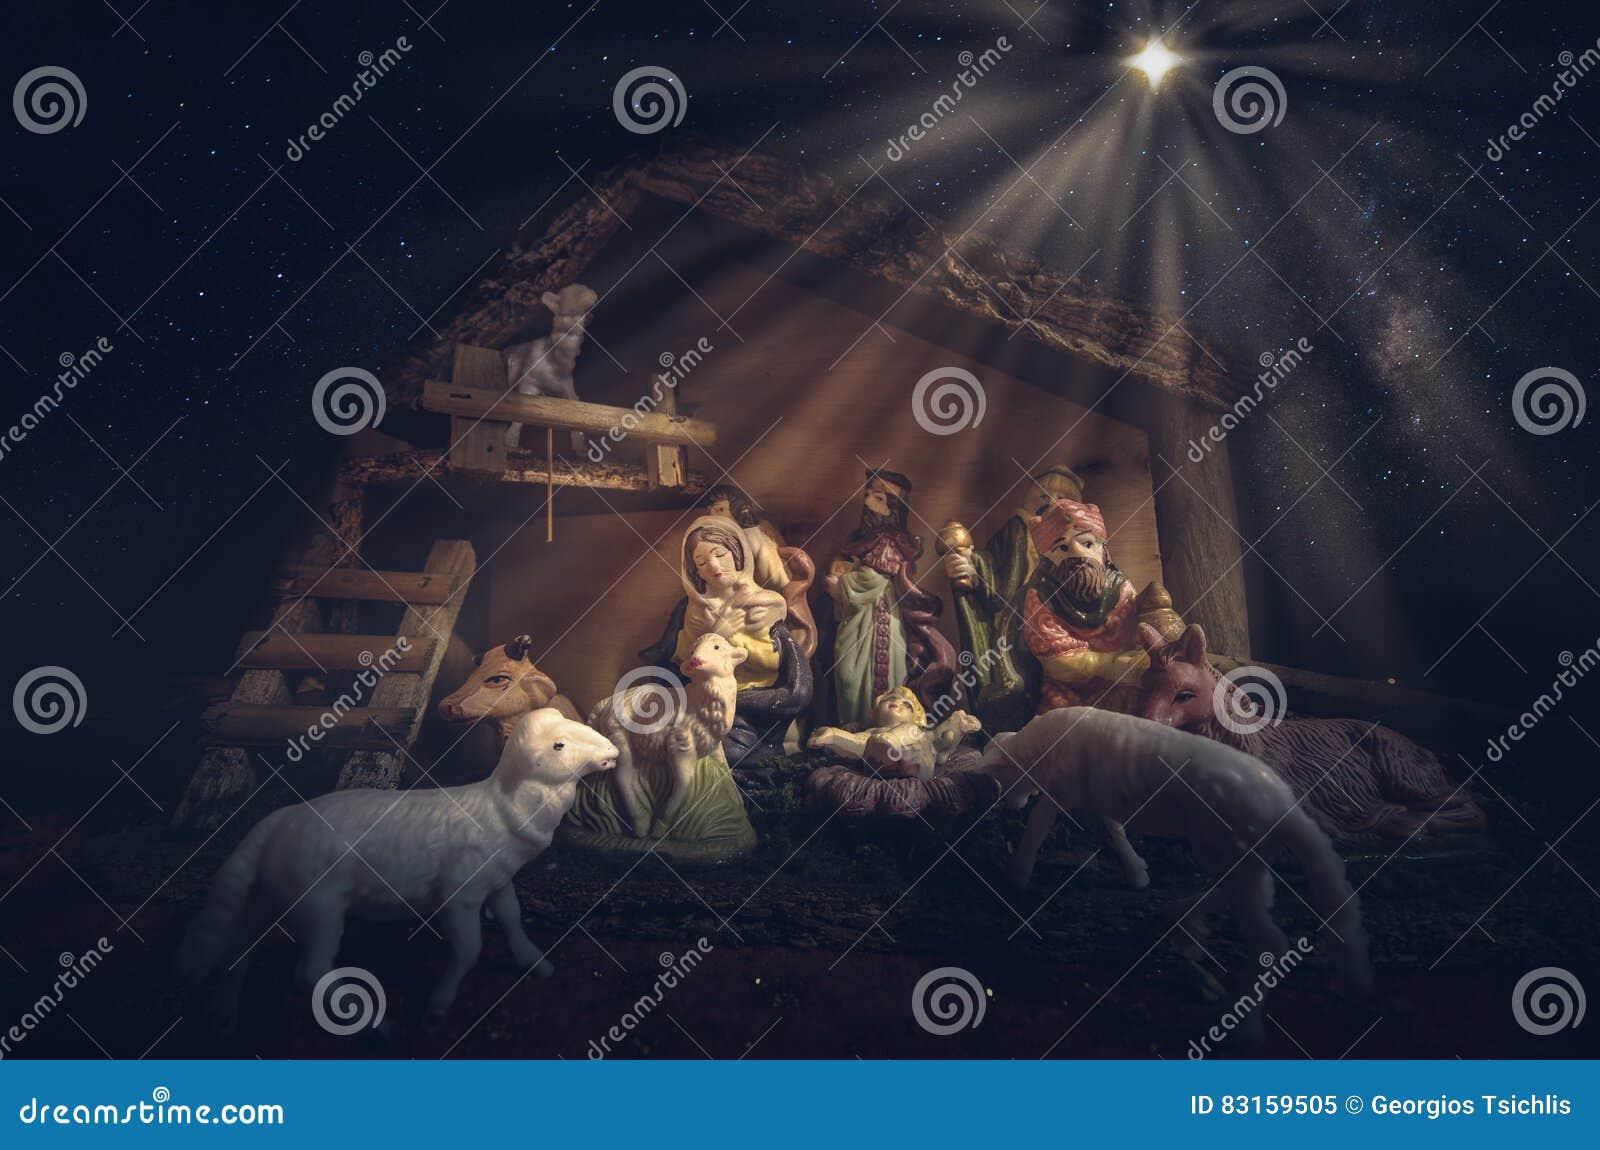 download christmas manger scene stock image image of child celestial 83159505